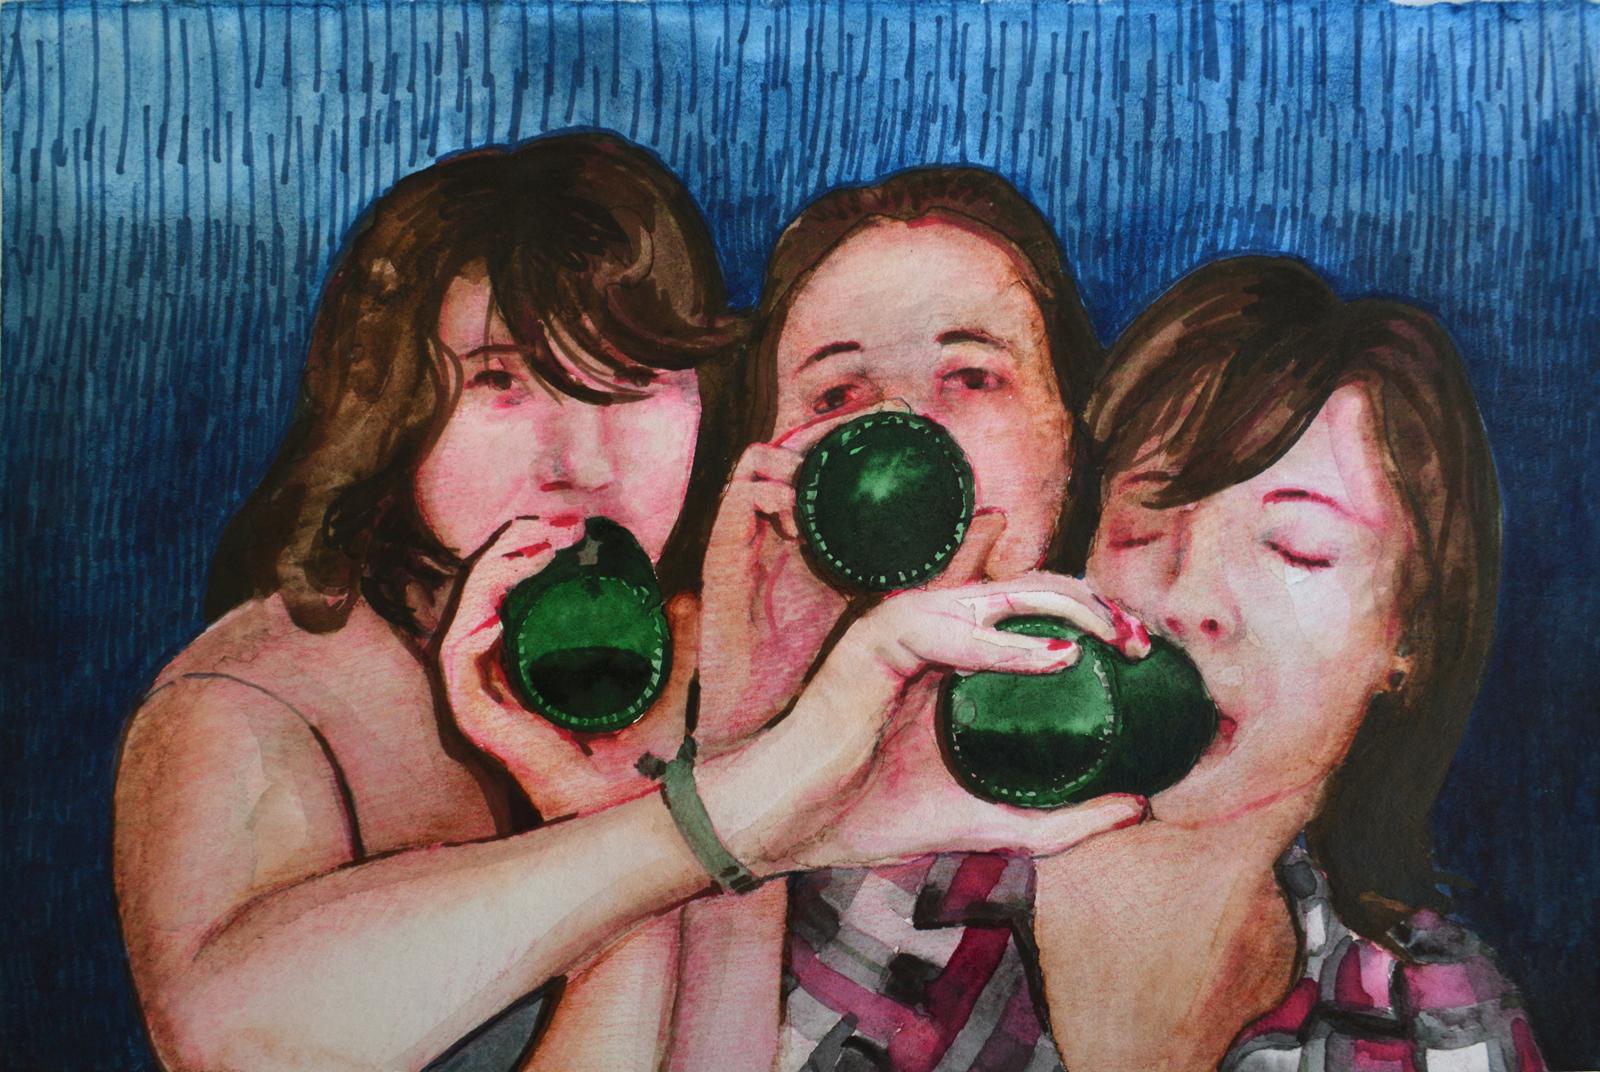 La noche (24:00). Juanma Moreno Sánchez 2015. Arte y realidad aumentada